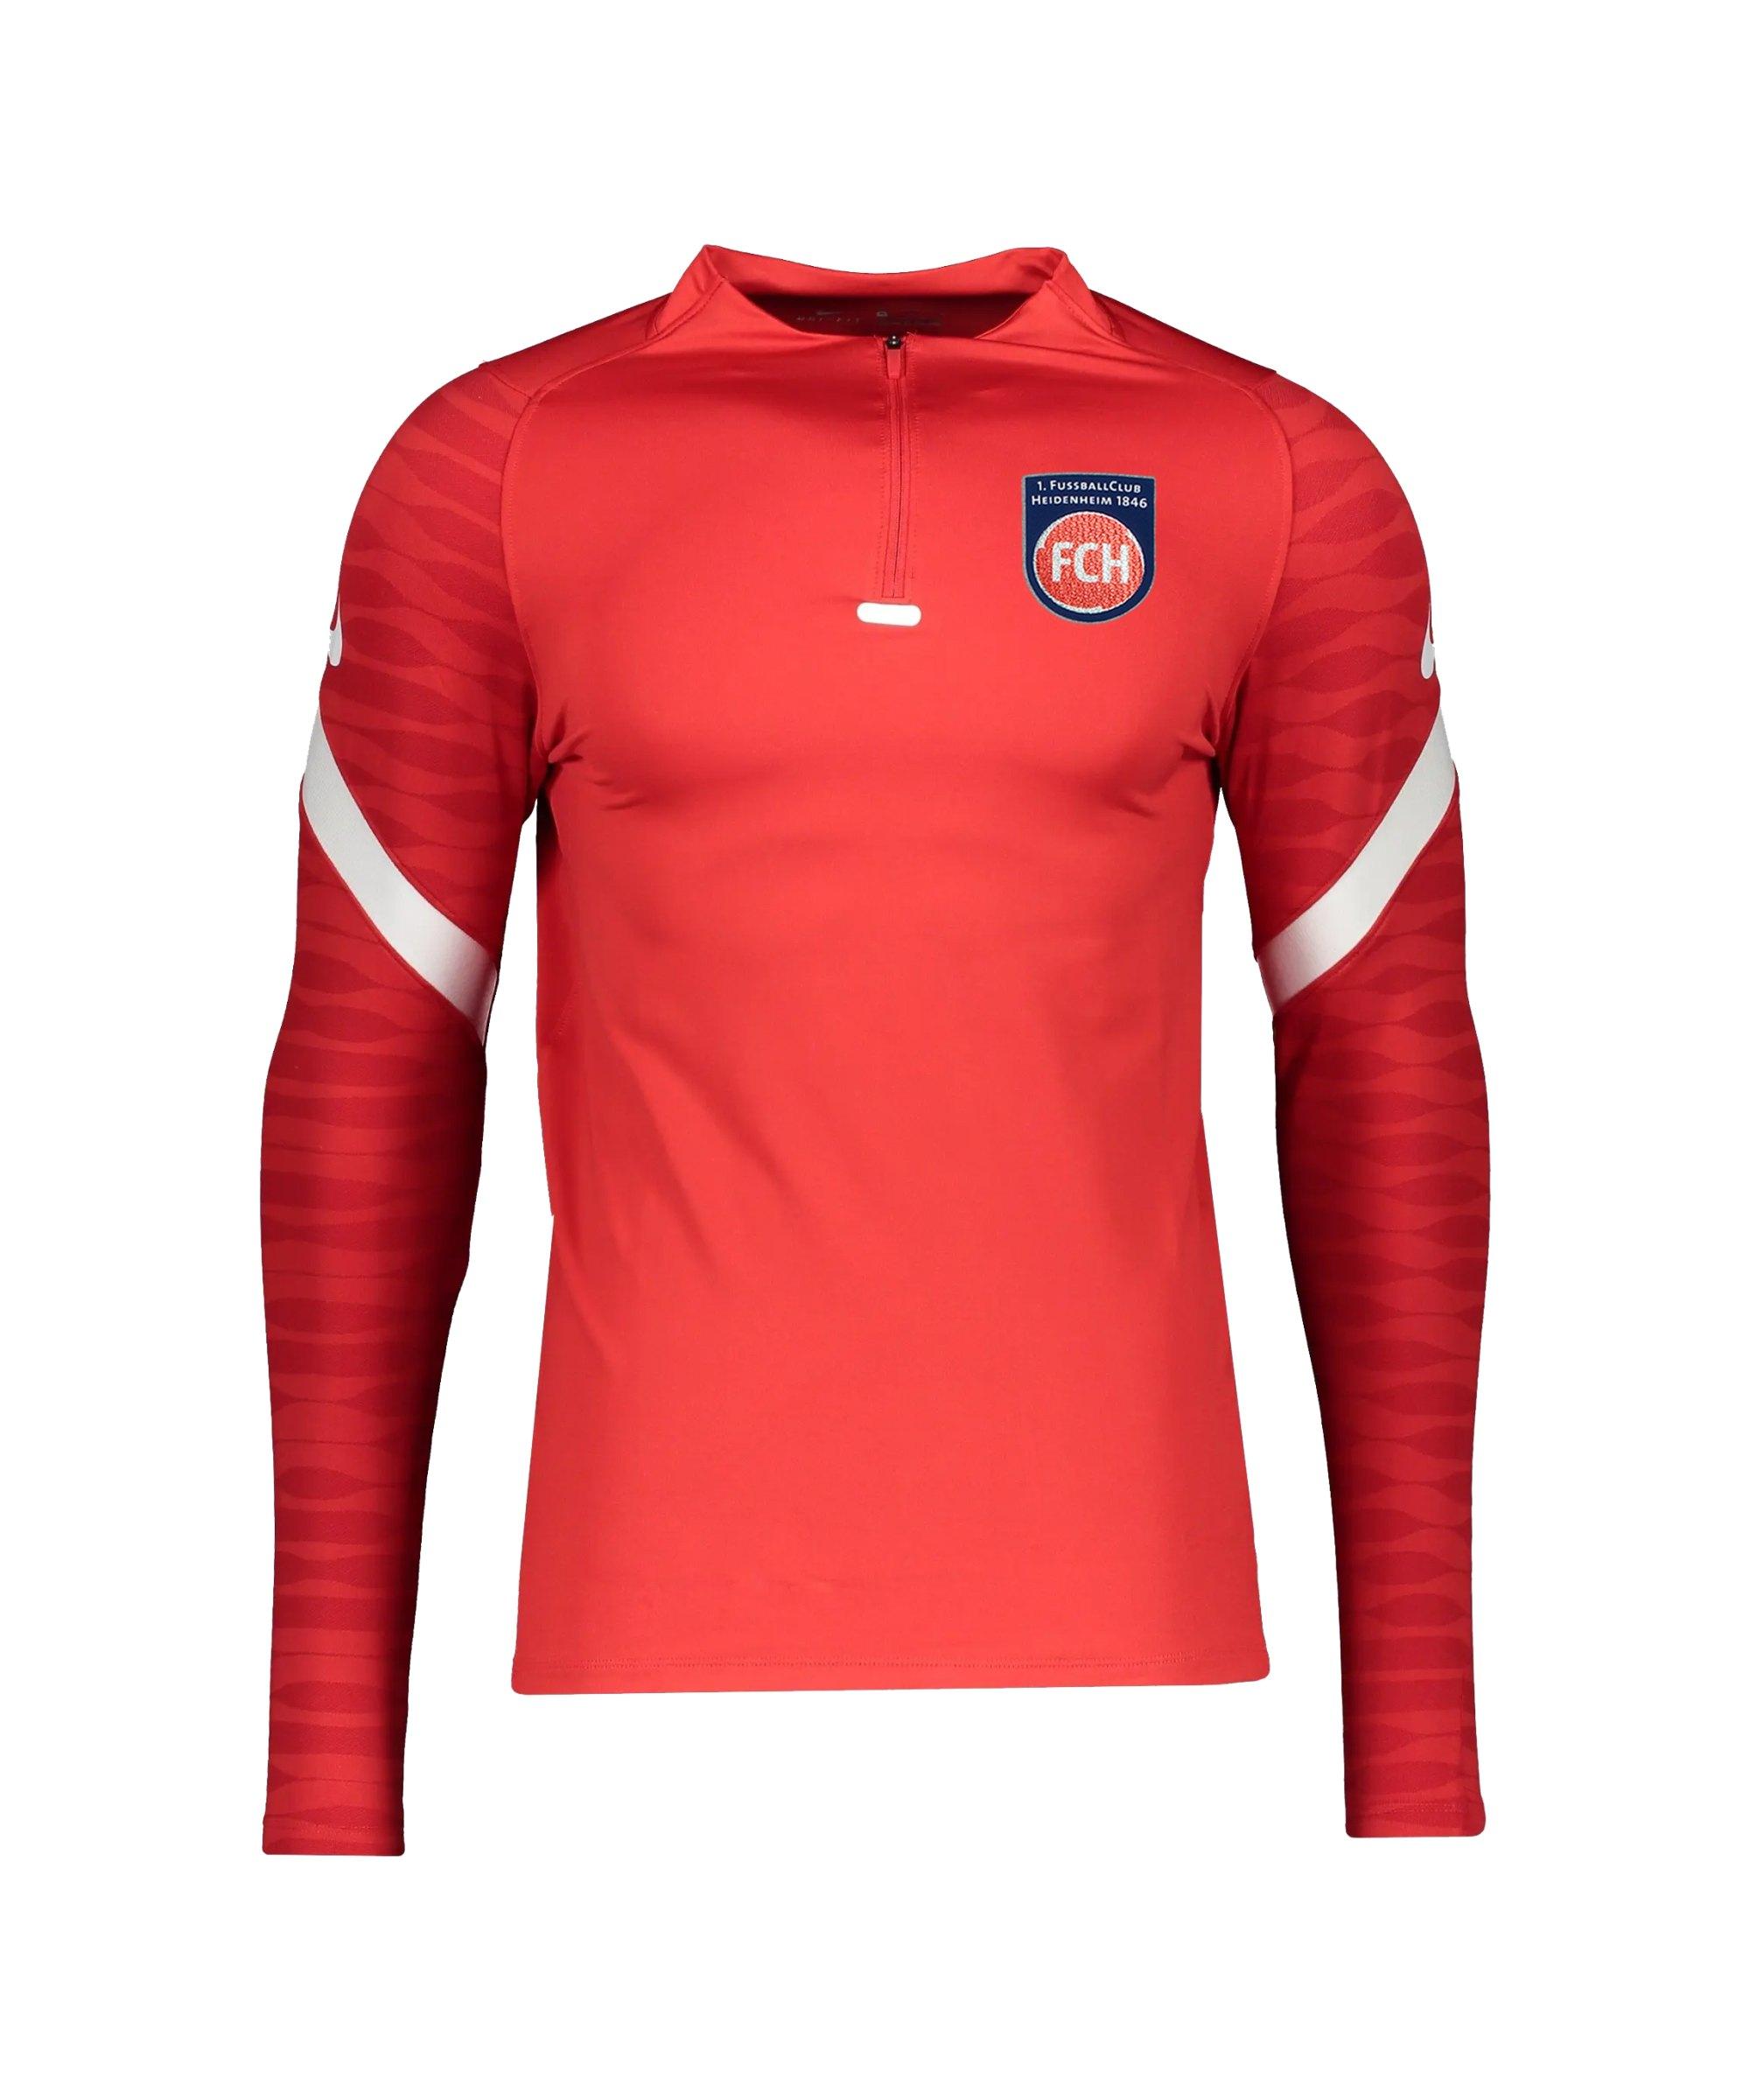 Nike 1. FC Heidenheim Drill Sweatshirt Kids F657 - rot